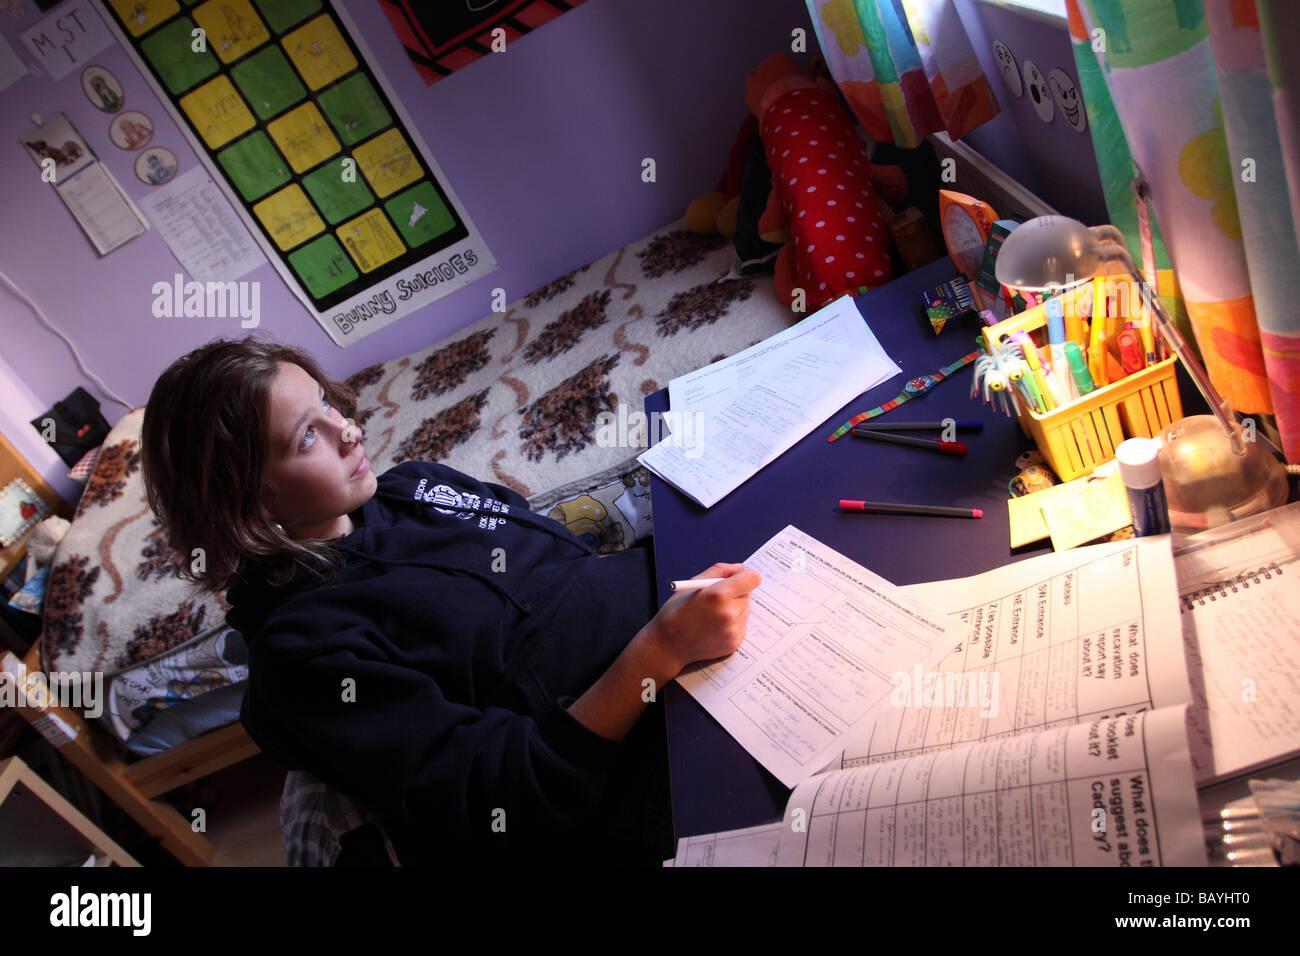 Junge Teenager-Mädchen im Alter von 15 Jahren denken dabei ihre Hausaufgaben Schule Studie in ihrem Schlafzimmer Stockbild